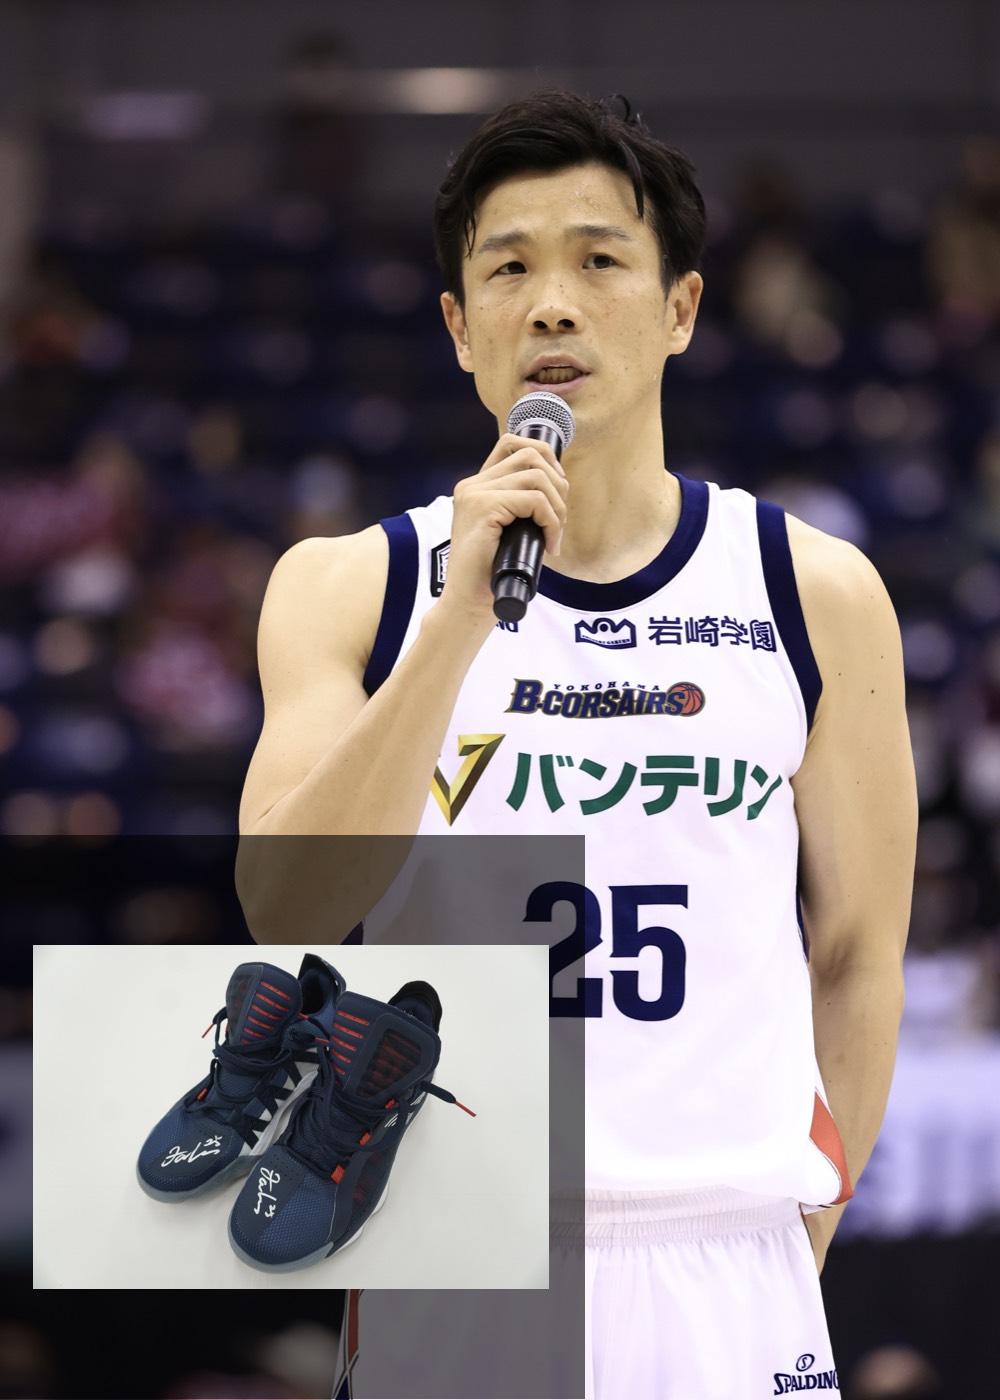 【公式】実使用・本人直筆サイン入り「バスケットボールシューズ」#25 竹田 謙